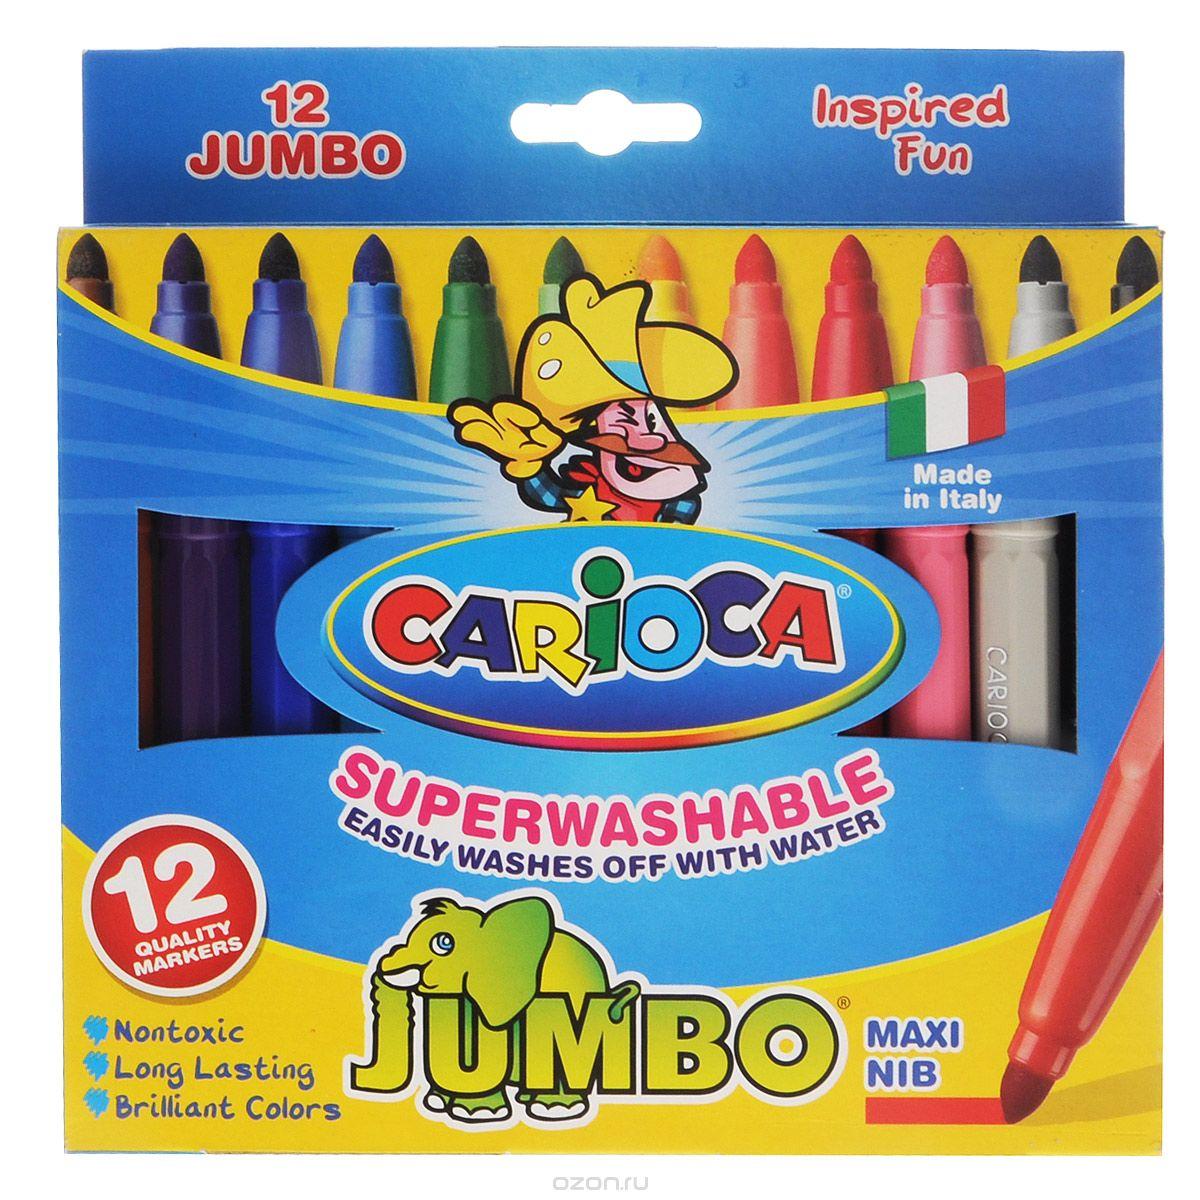 Набор фломастеров Carioca Jumbo, 12 цветов40569/12Фломастеры Carioca Jumbo, непременно, понравятся вашему юному художнику. Набор включает в себя 6 ярких цветных фломастеров в удобном утолщенном корпусе с чернилами на водной основе и безопасными вентилируемыми колпачками. Такие фломастеры идеально подходят для малышей. Порадуйте своего ребенка таким замечательным подарком! Характеристики: Длина фломастера: 14 см. Диаметр фломастера: 1,2 см. Диаметр наконечника: 0,4 см. Размер упаковки: 17,5 см х 15 см х 1,5 см.